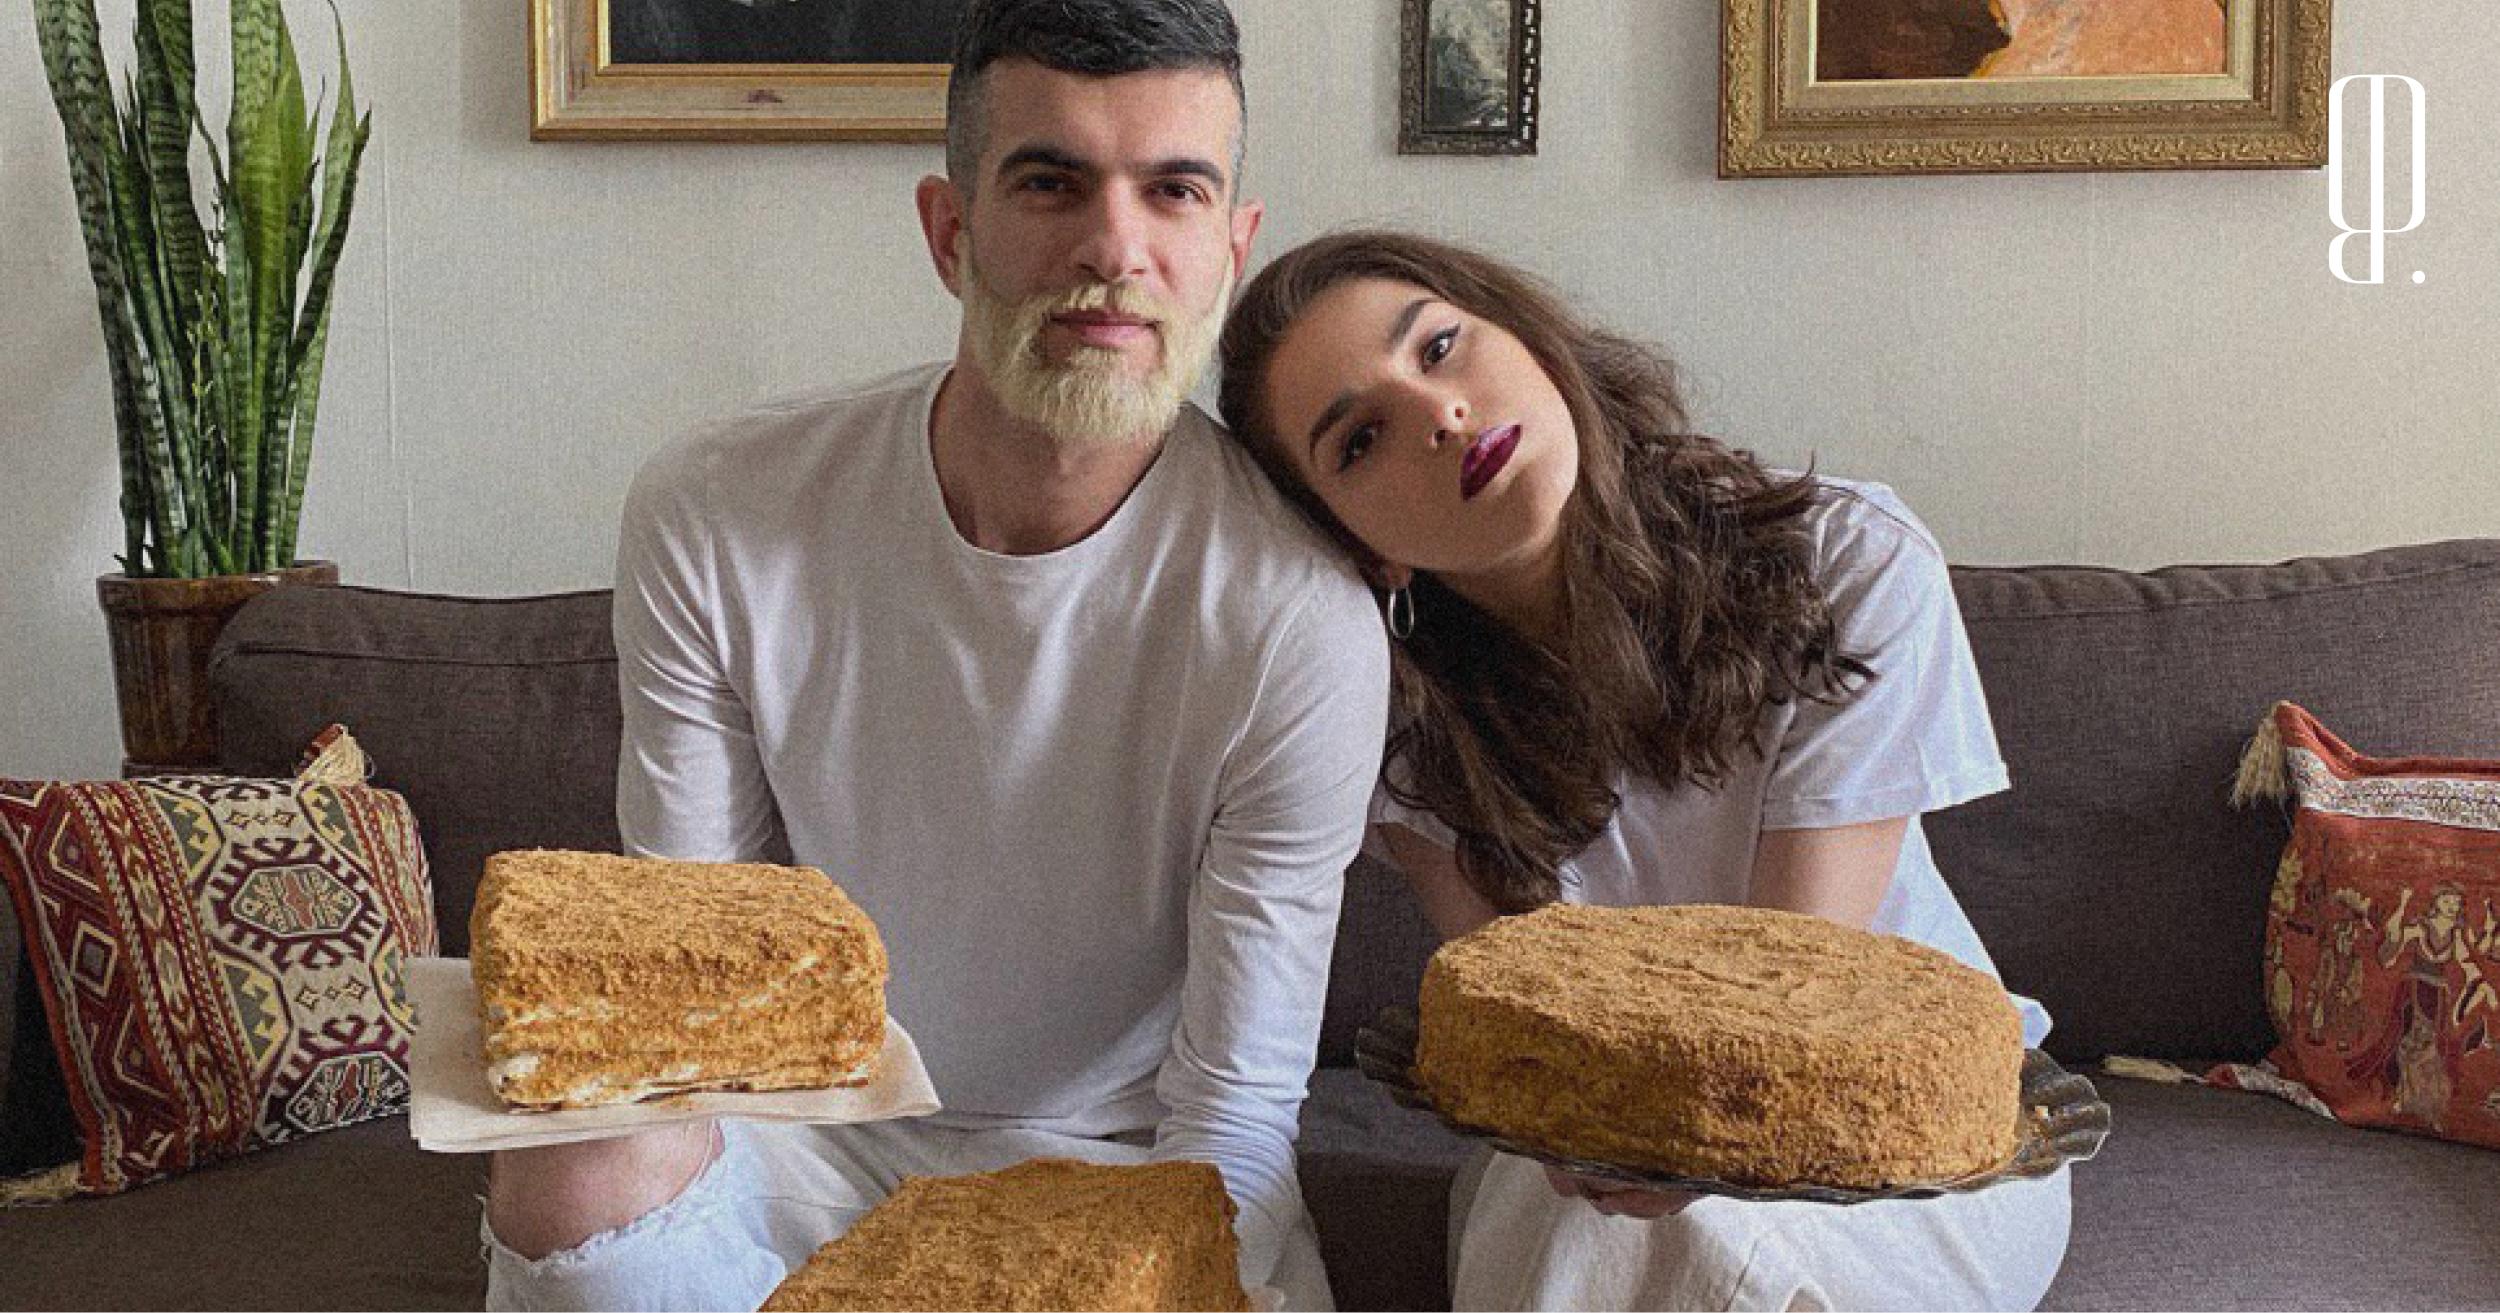 Лучший подарок — торт. В Инстаграме не первый месяц пекут медовики, попробуйте и вы